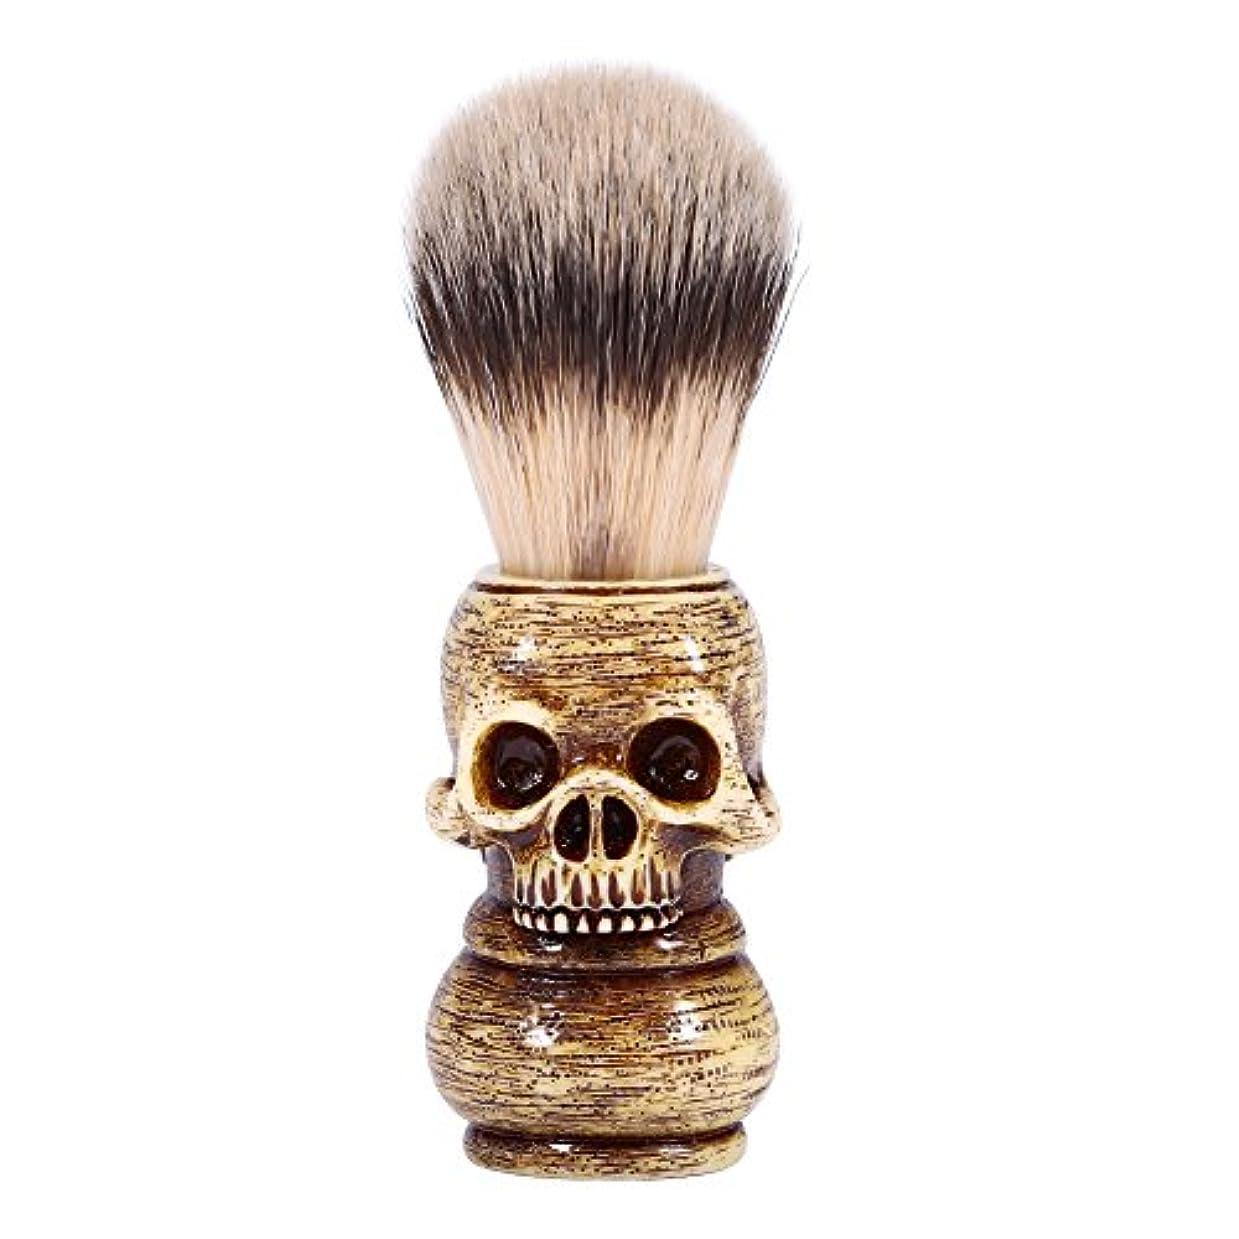 ポスト印象派滅びるによってシェービングブラシ メンズ グルーミングツール メイクアップ サロン ビアードシェービングブラシ ひげ 洗顔 髭剃り 男性 ギフト理容